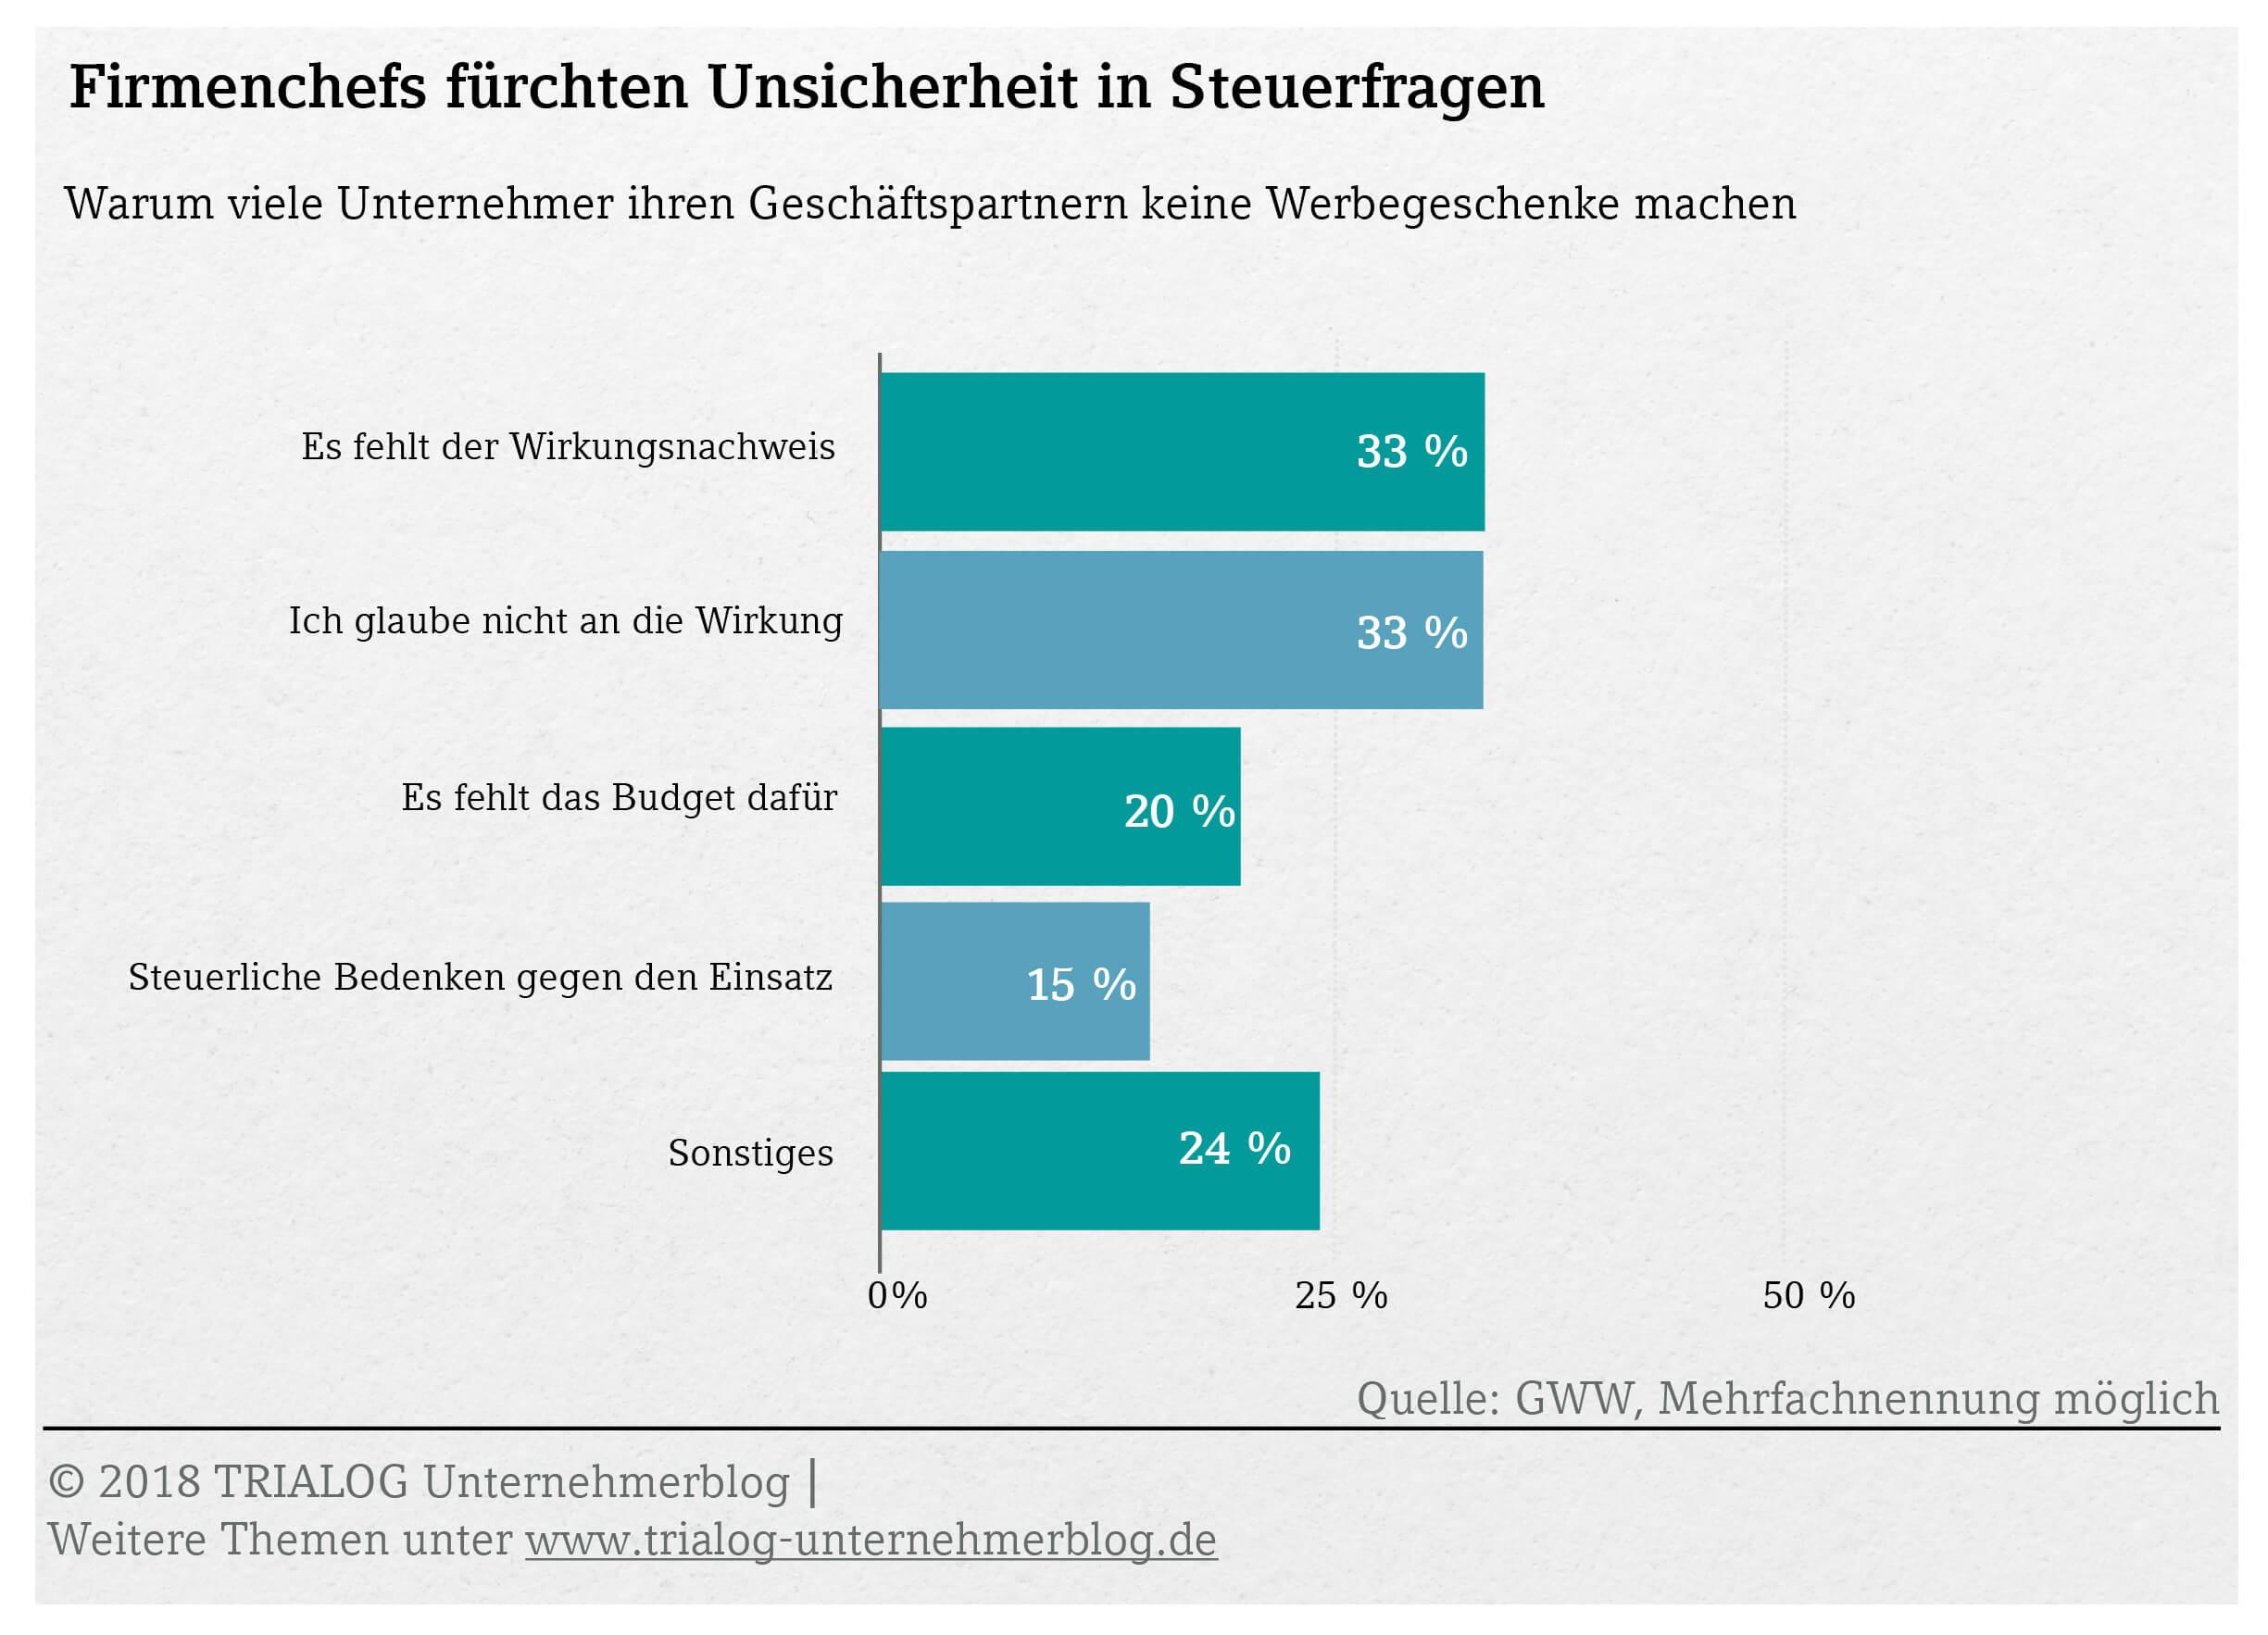 Grafik Viele Unternehmer nutzen keine Werbegeschenke wegen Unsicherheit in Steuerfragen